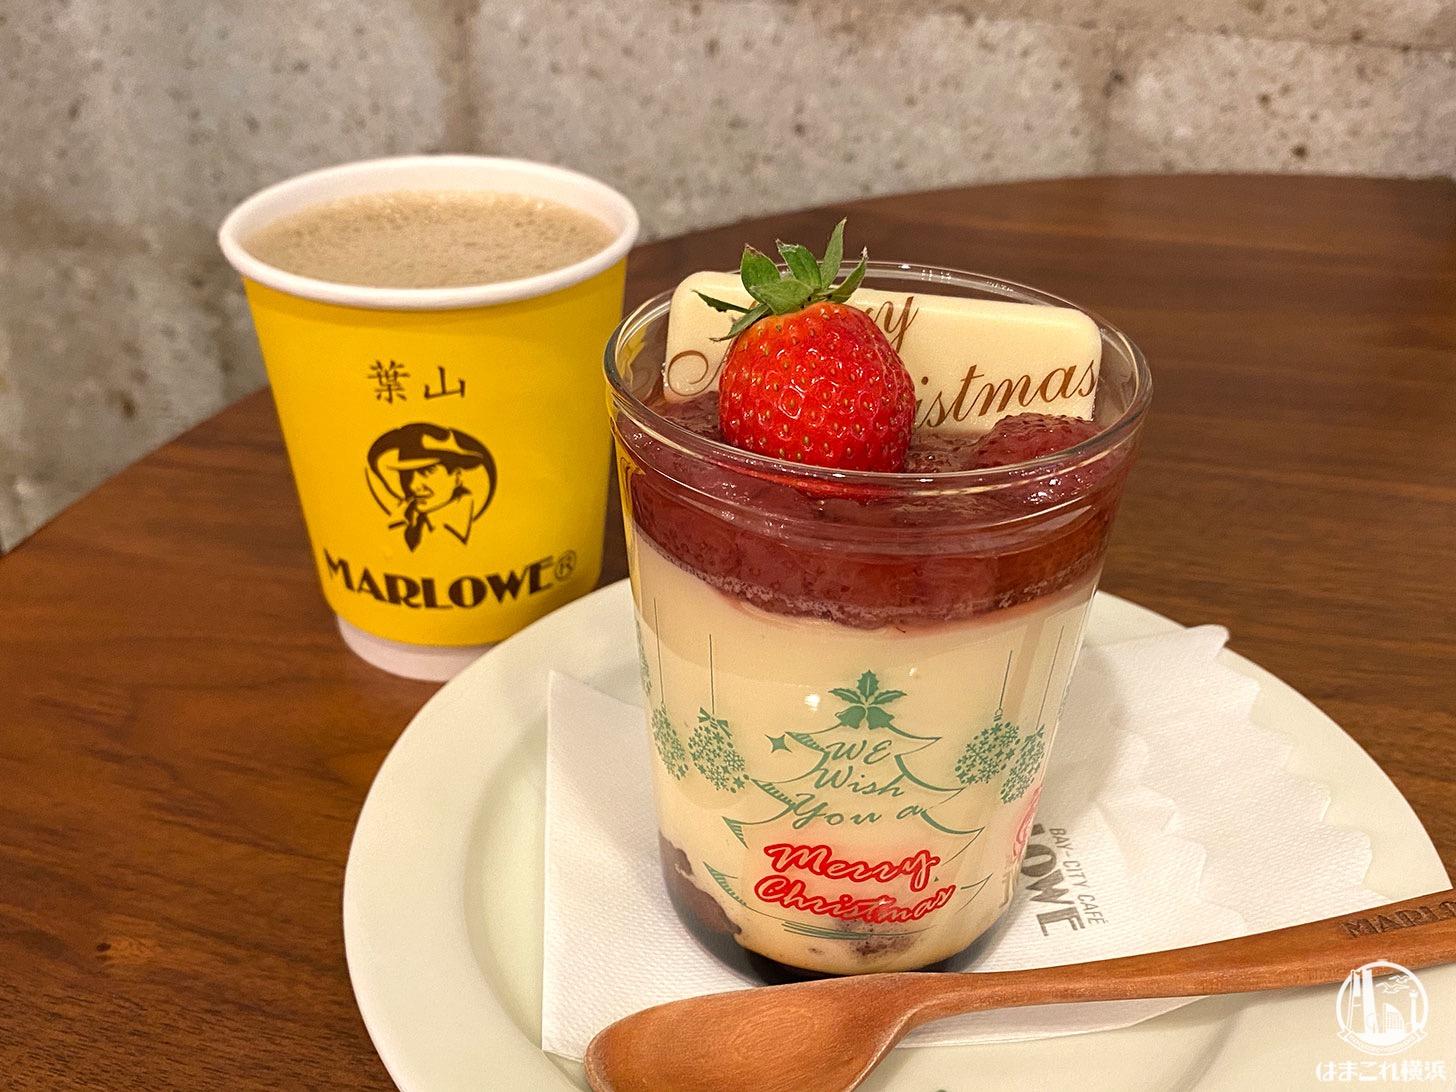 マーロウのプリンが食べたくて葉山のカフェ・逗葉新道店に行って来た!